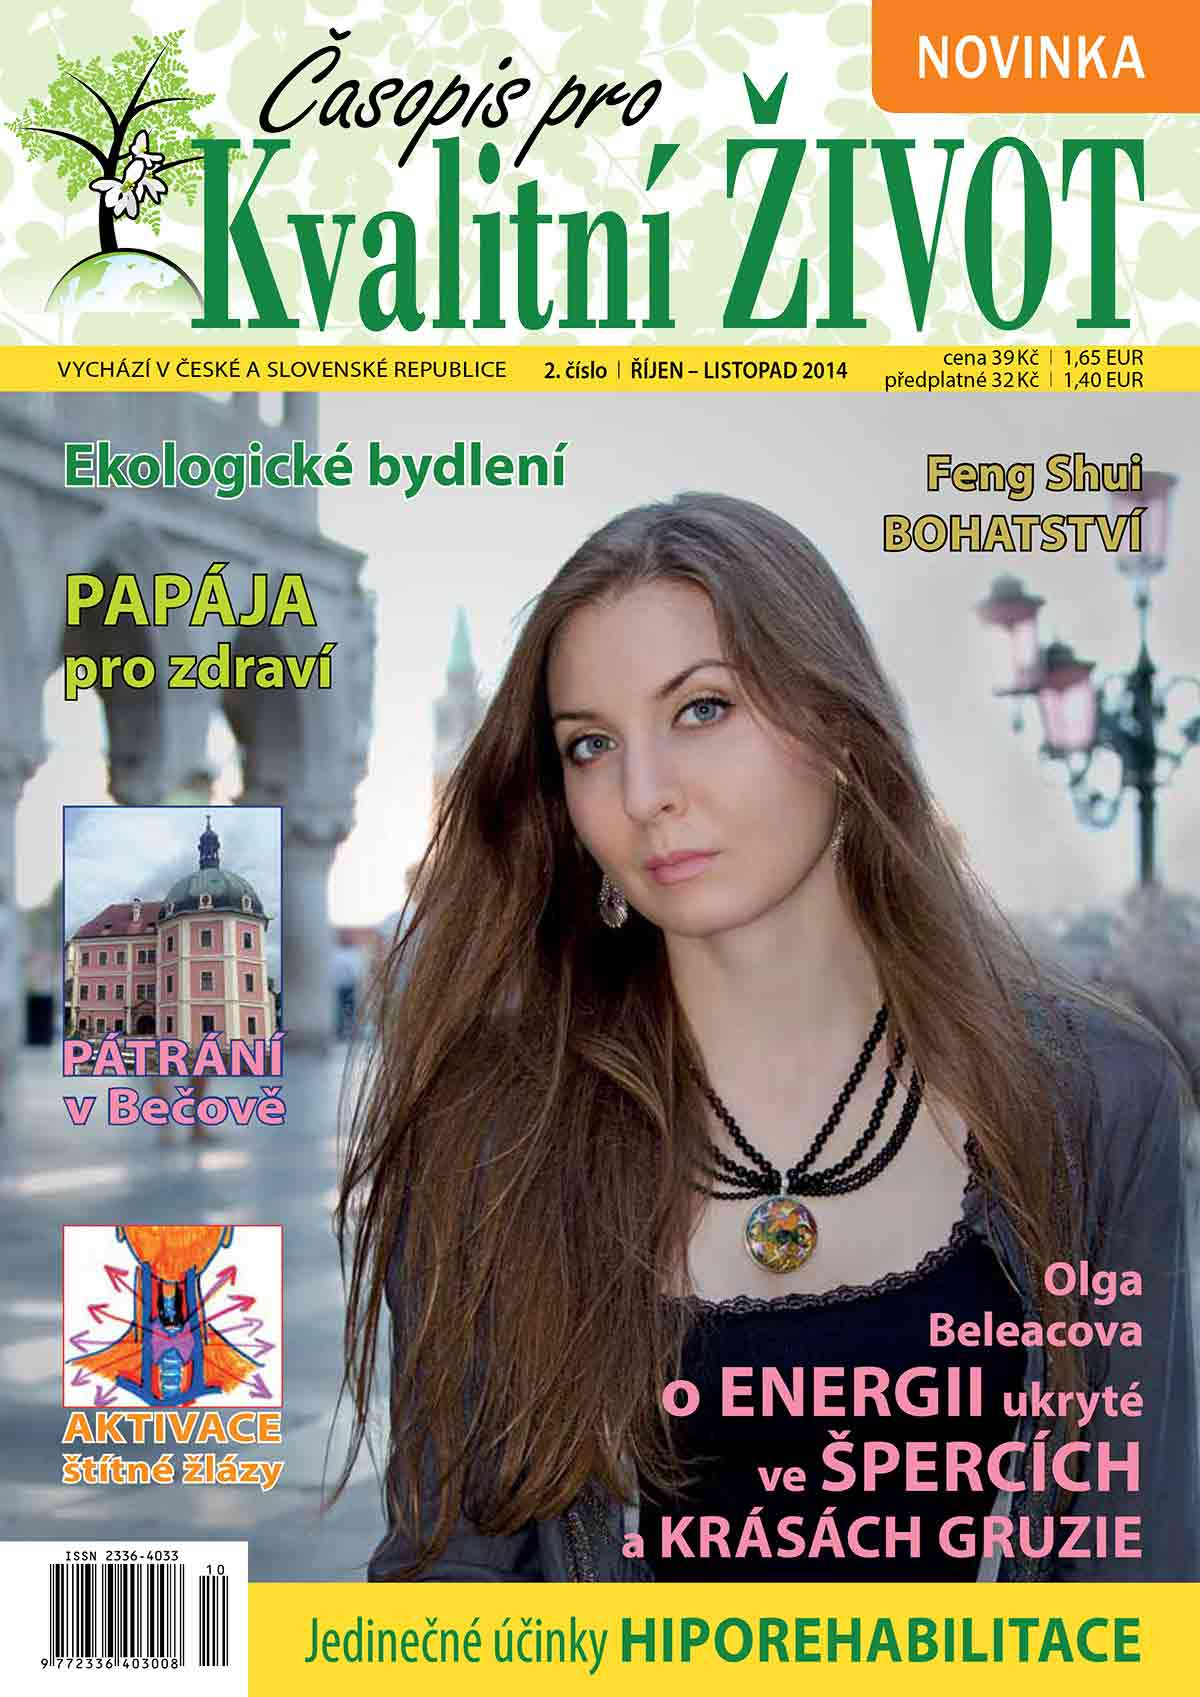 Kvalitní život, 10-11/2014